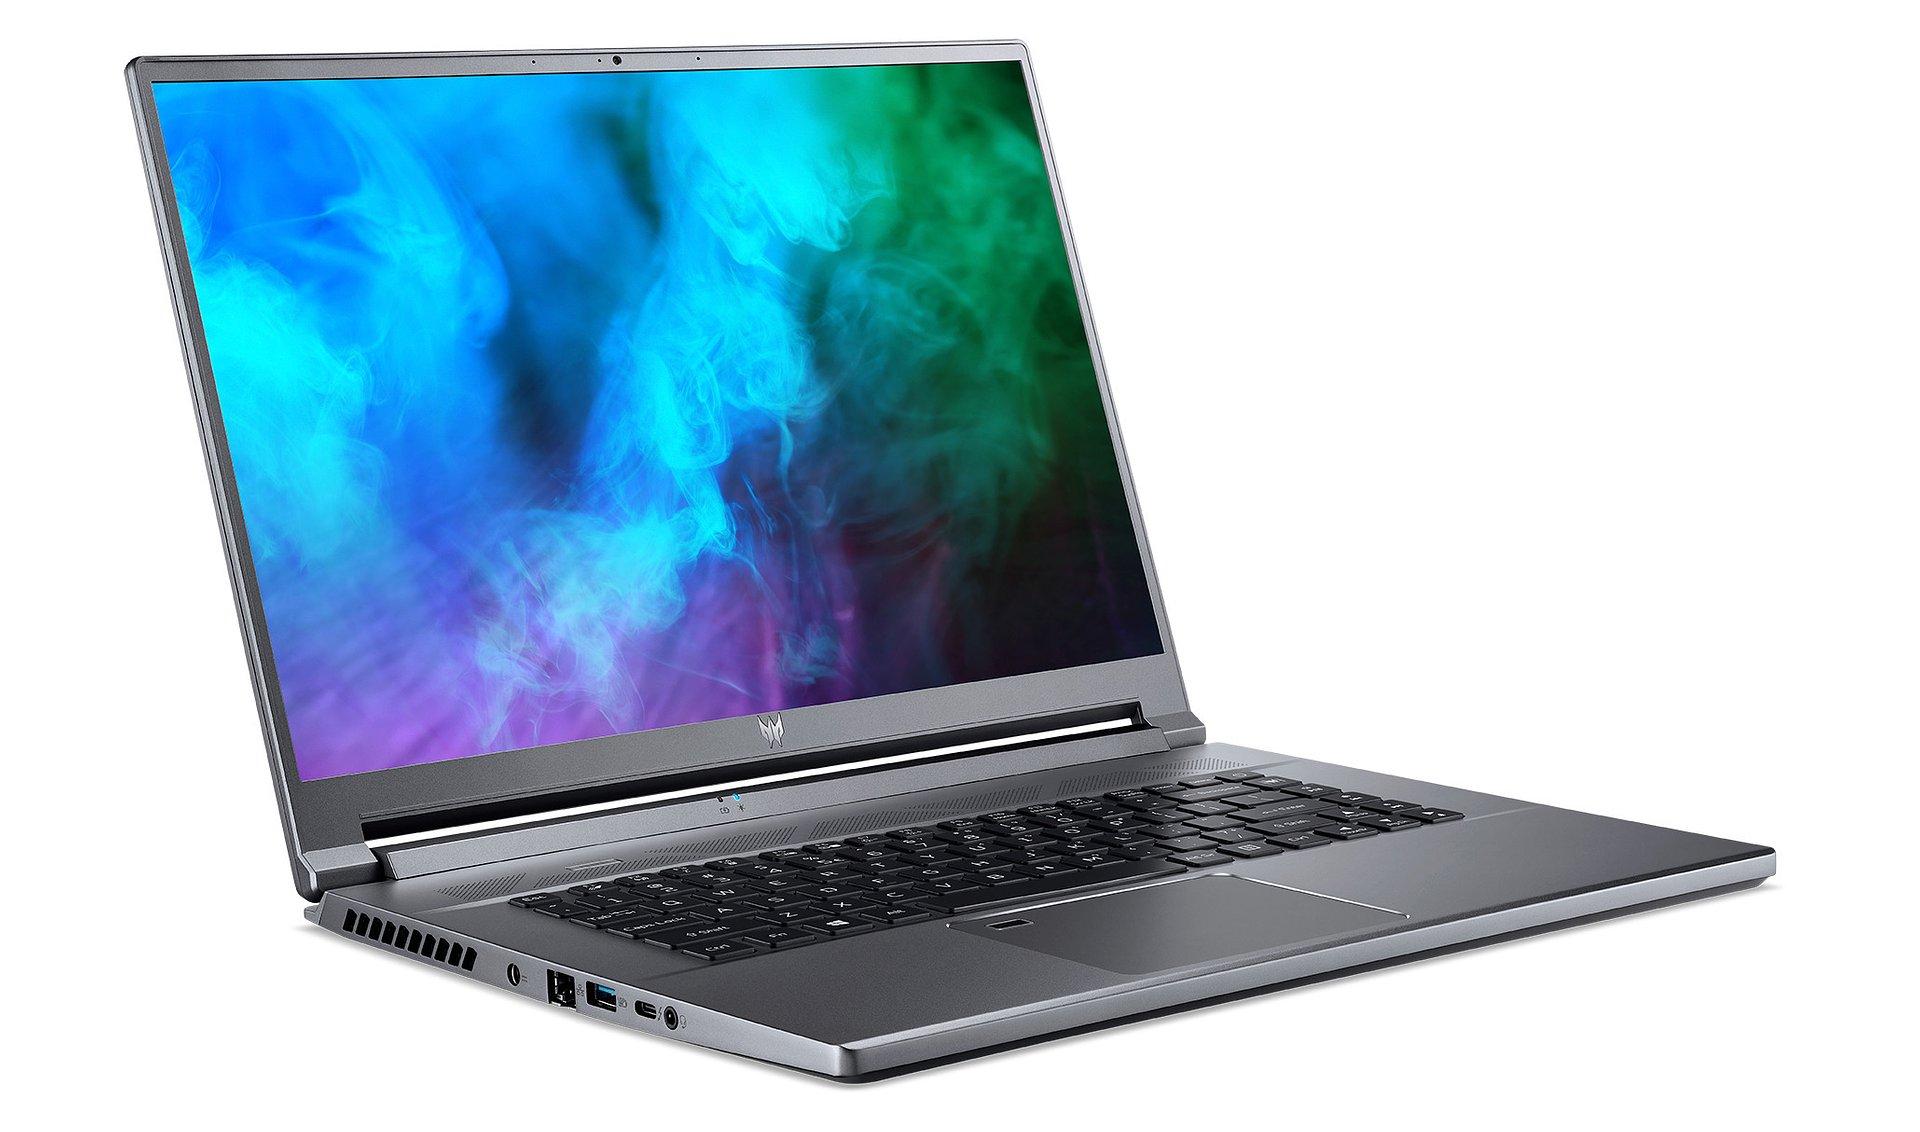 Nowe laptopy, myszka, router. Acer prezentuje liczne nowości z serii Predator